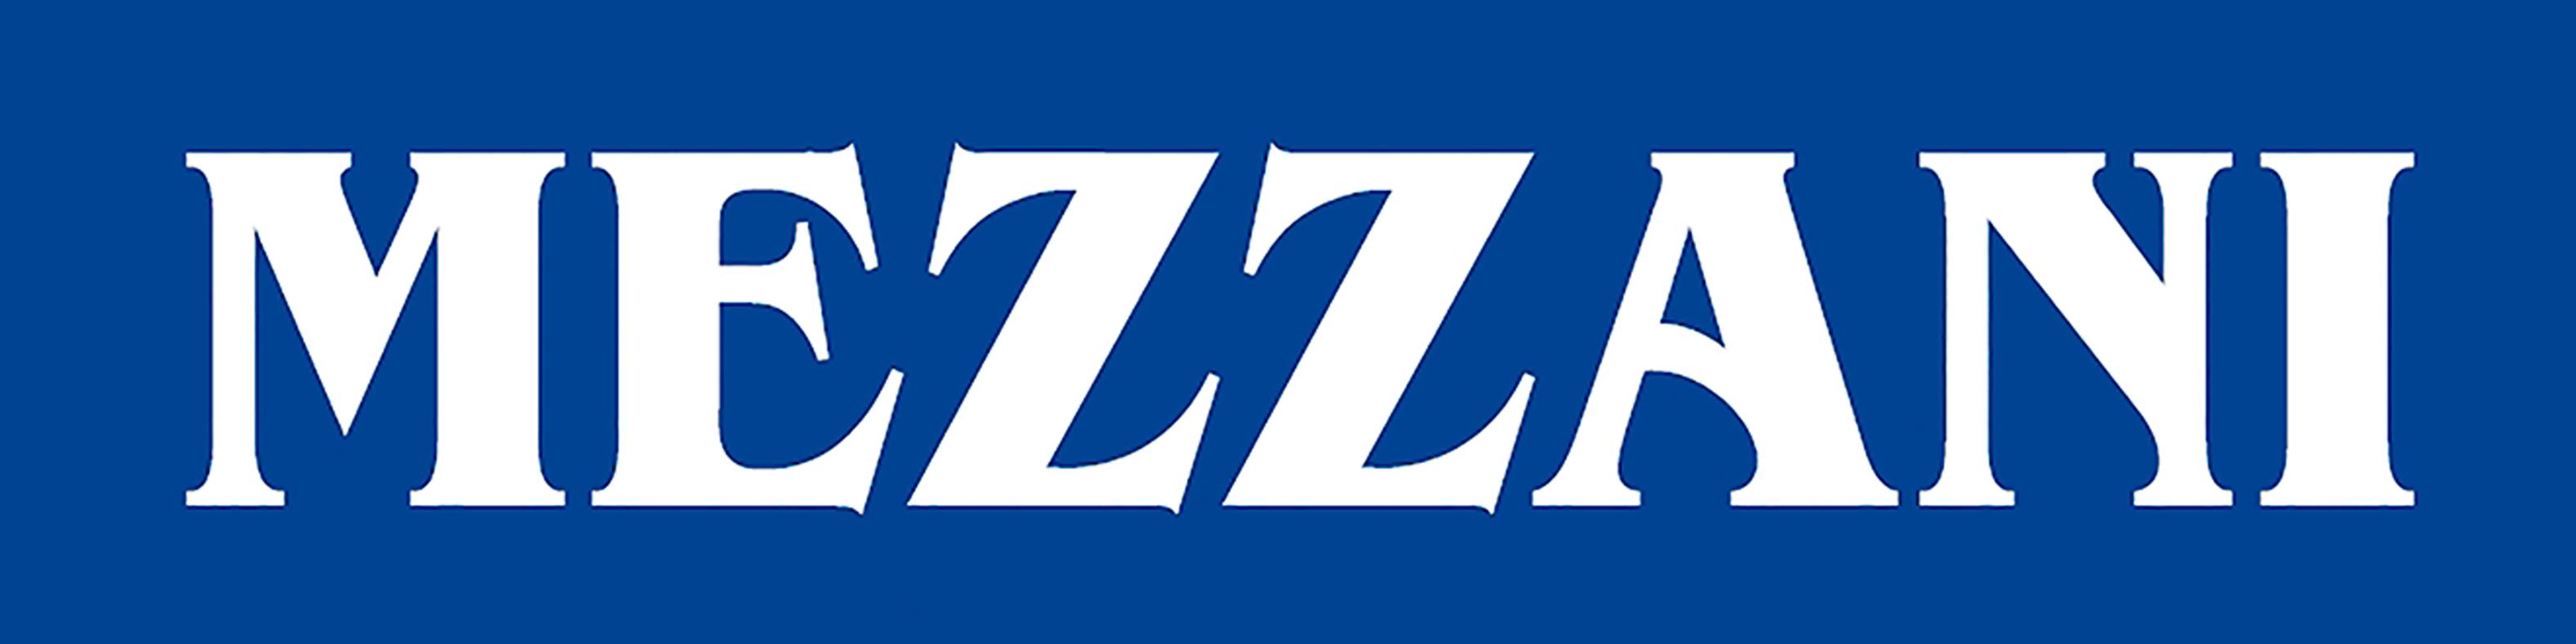 mezzani-para-site_v2